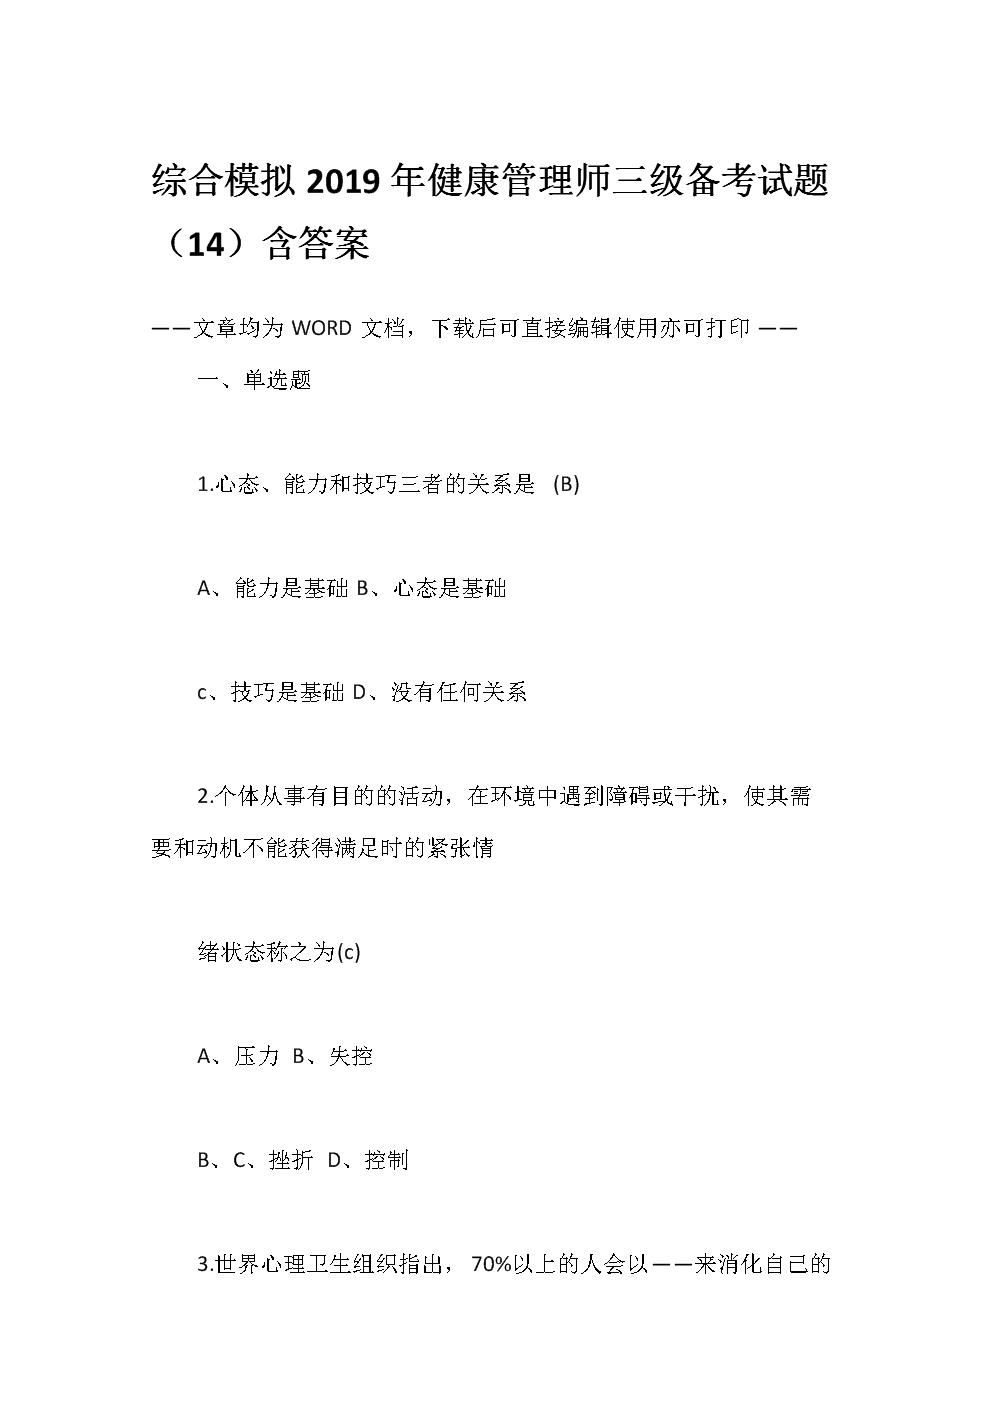 綜合模擬2019年健康管理師三級備考試題(14)含答案.docx